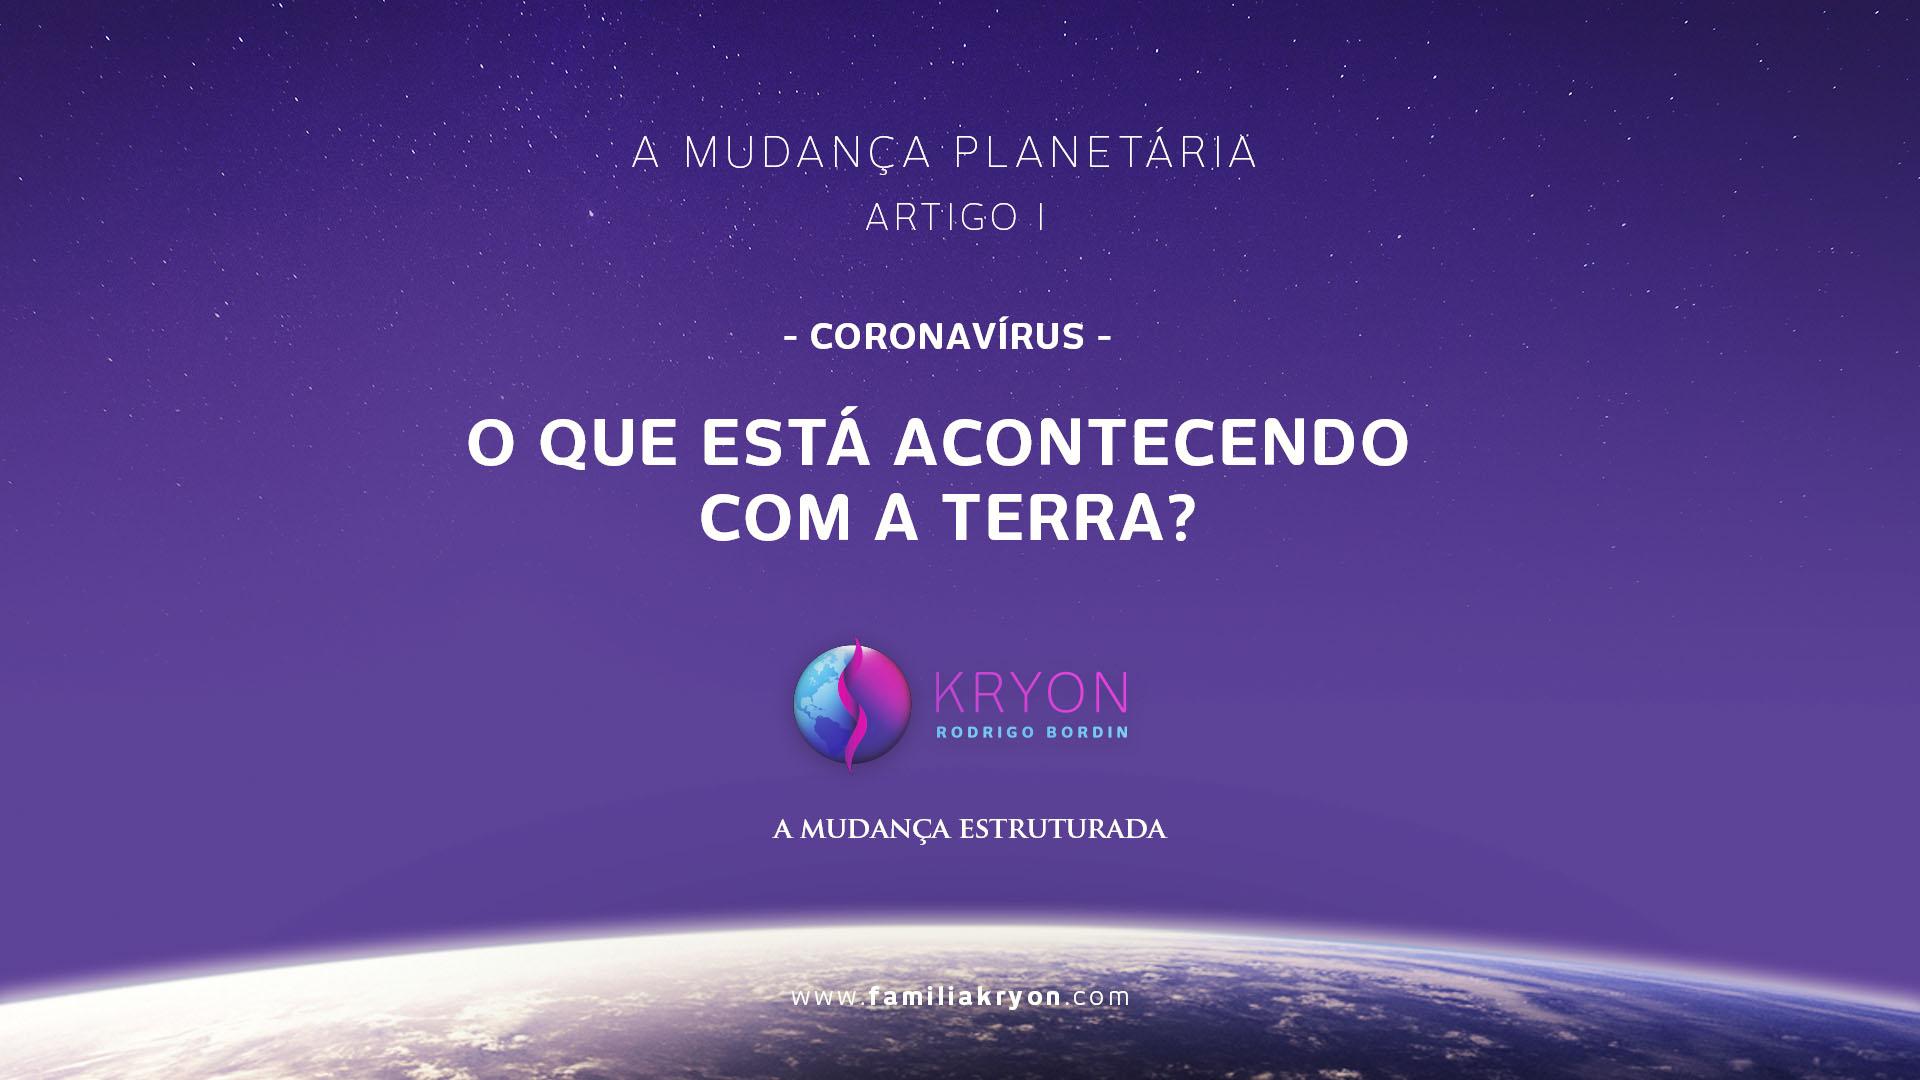 A Mudança Planetária </br>  - Artigo 1 -